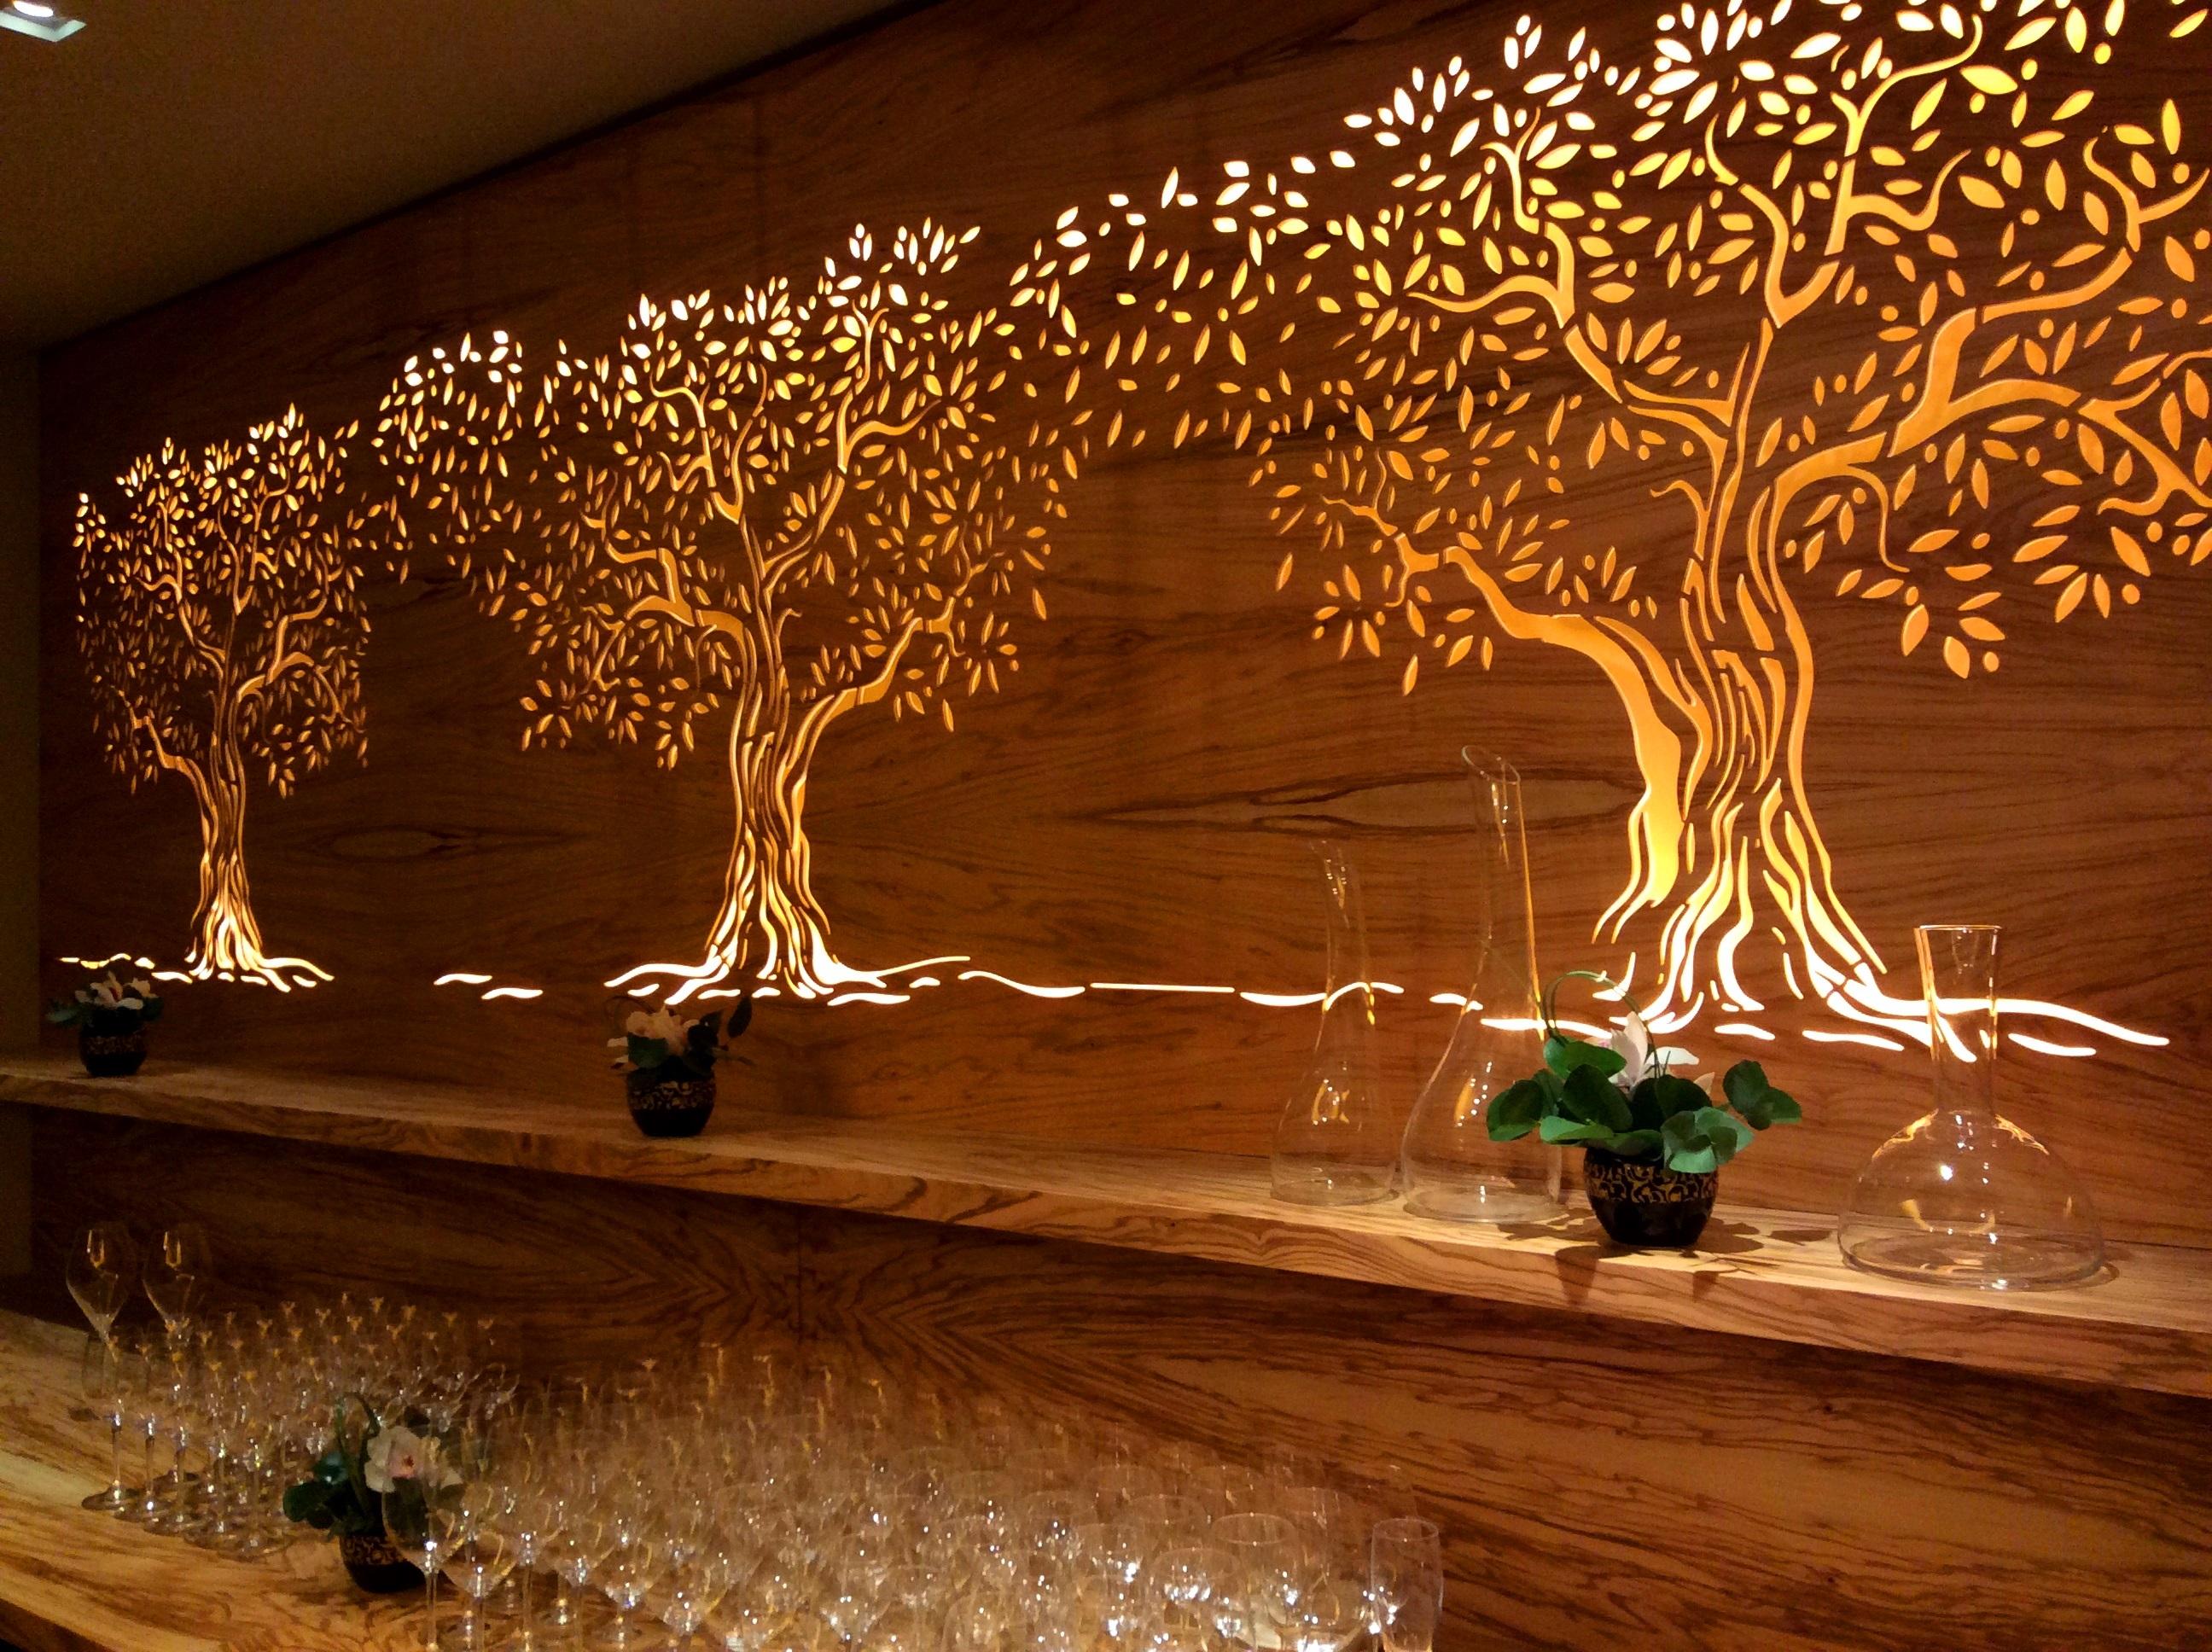 Progetto Illuminazione Ristorante : Progettare l illuminazione del ristorante ristorante in luce